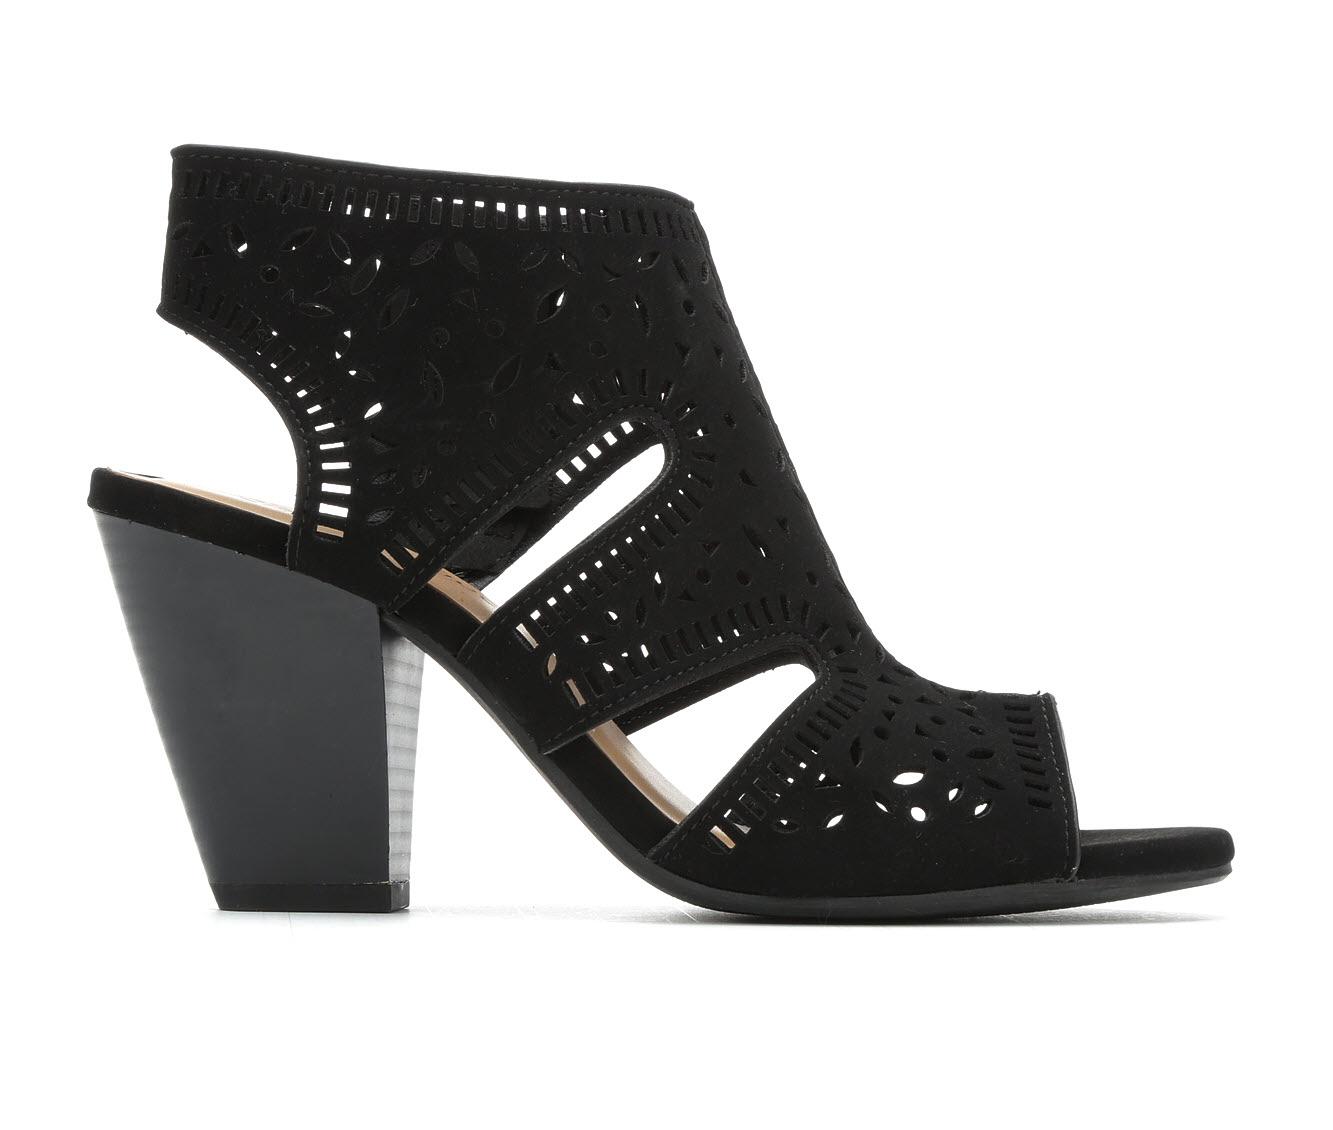 City Classified Spoil Women's Dress Shoe (Black Faux Leather)